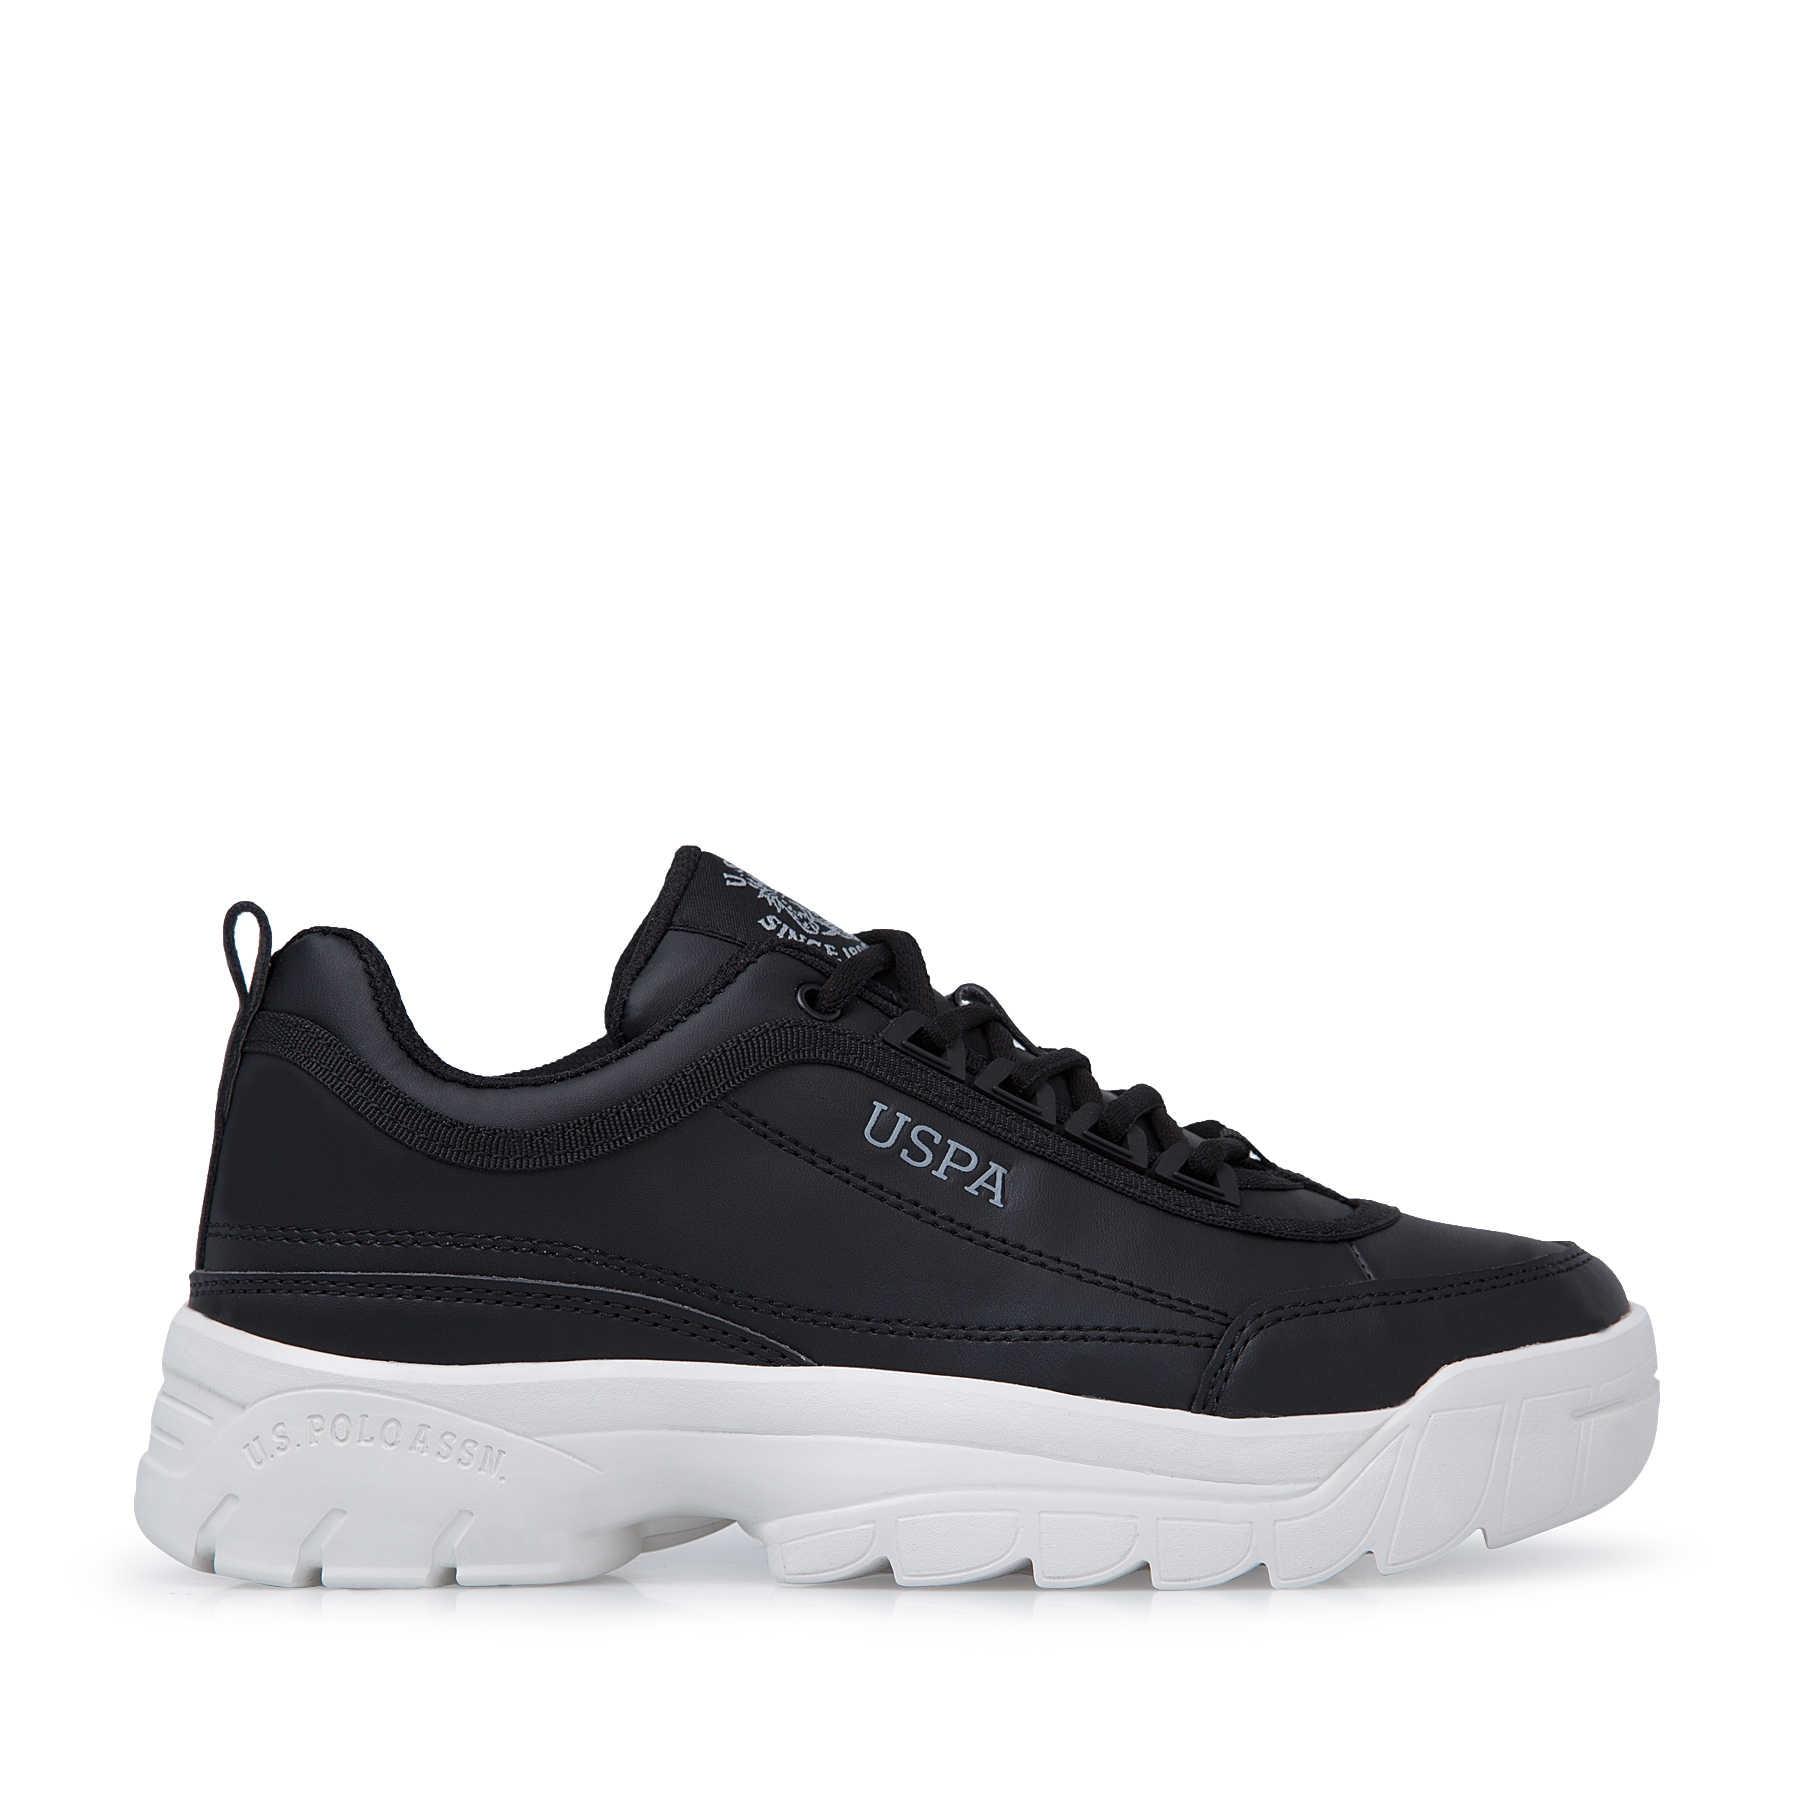 U.S. Polo Sneaker Shoes WOMEN SHOES